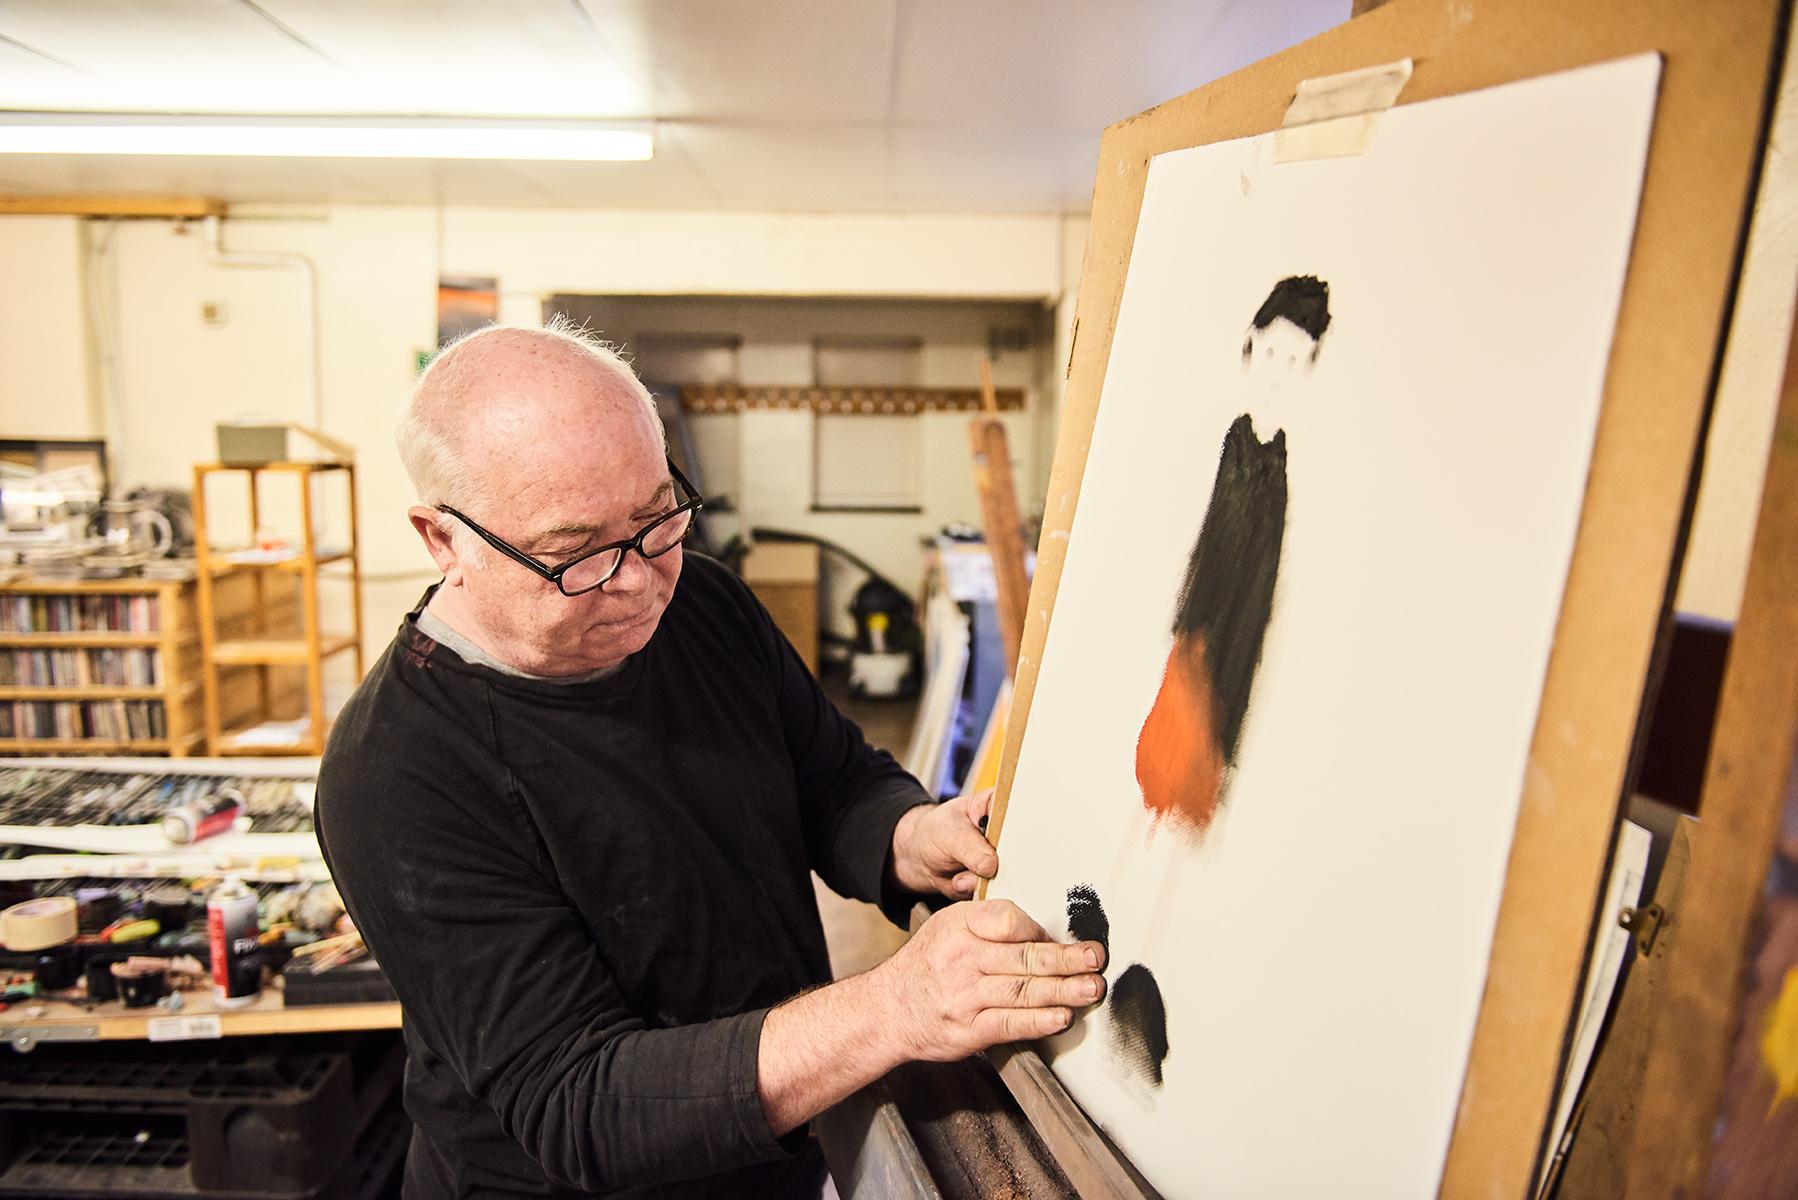 Artist Mackenzie Thorpe working on easel